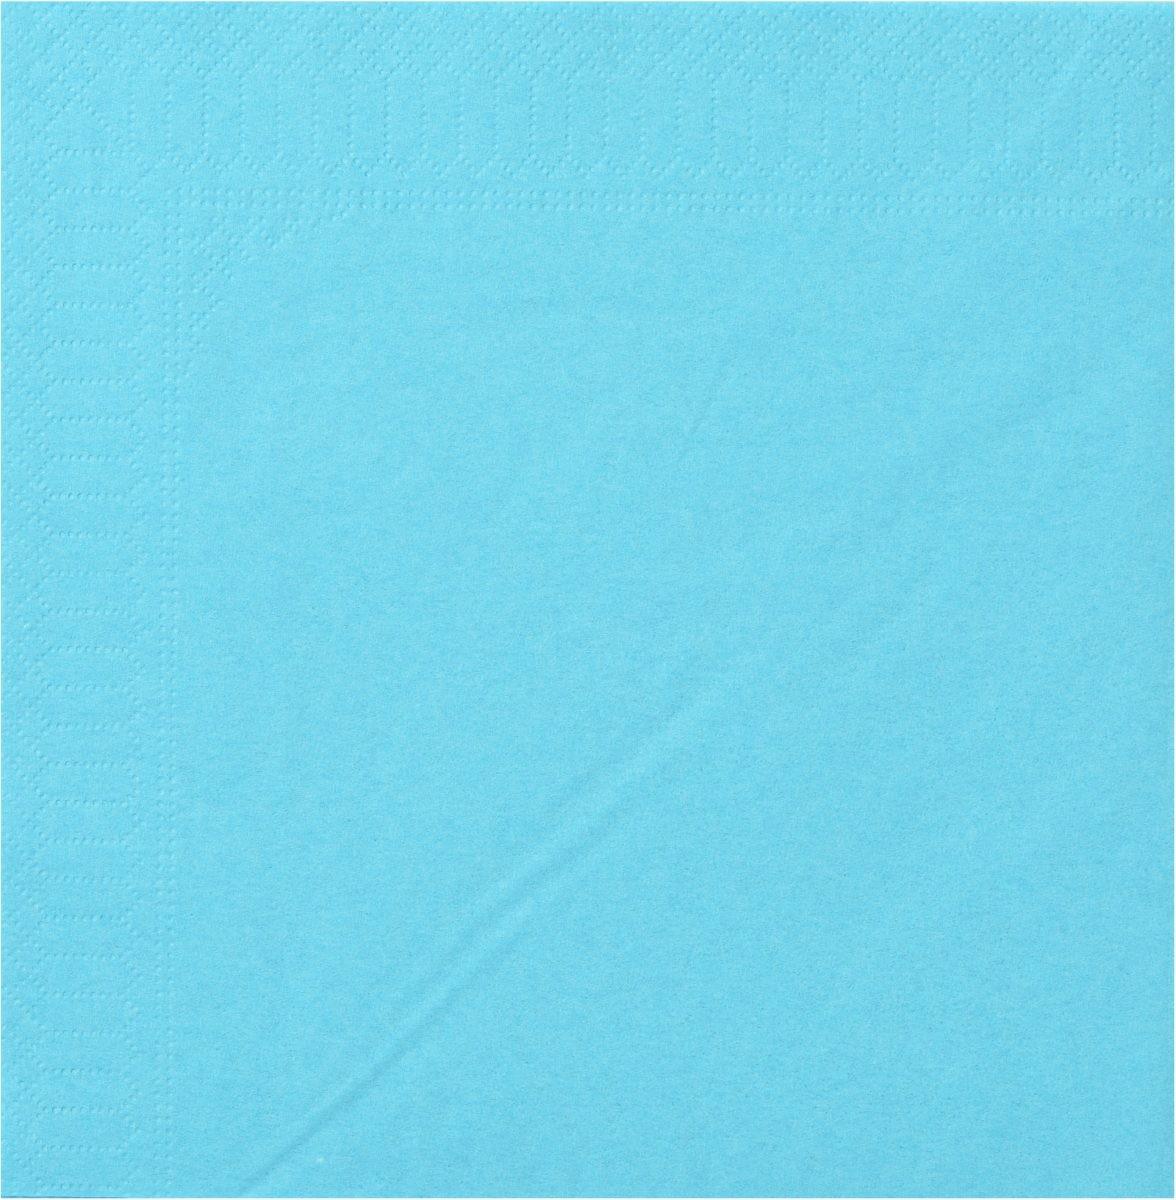 Turquoise par 100